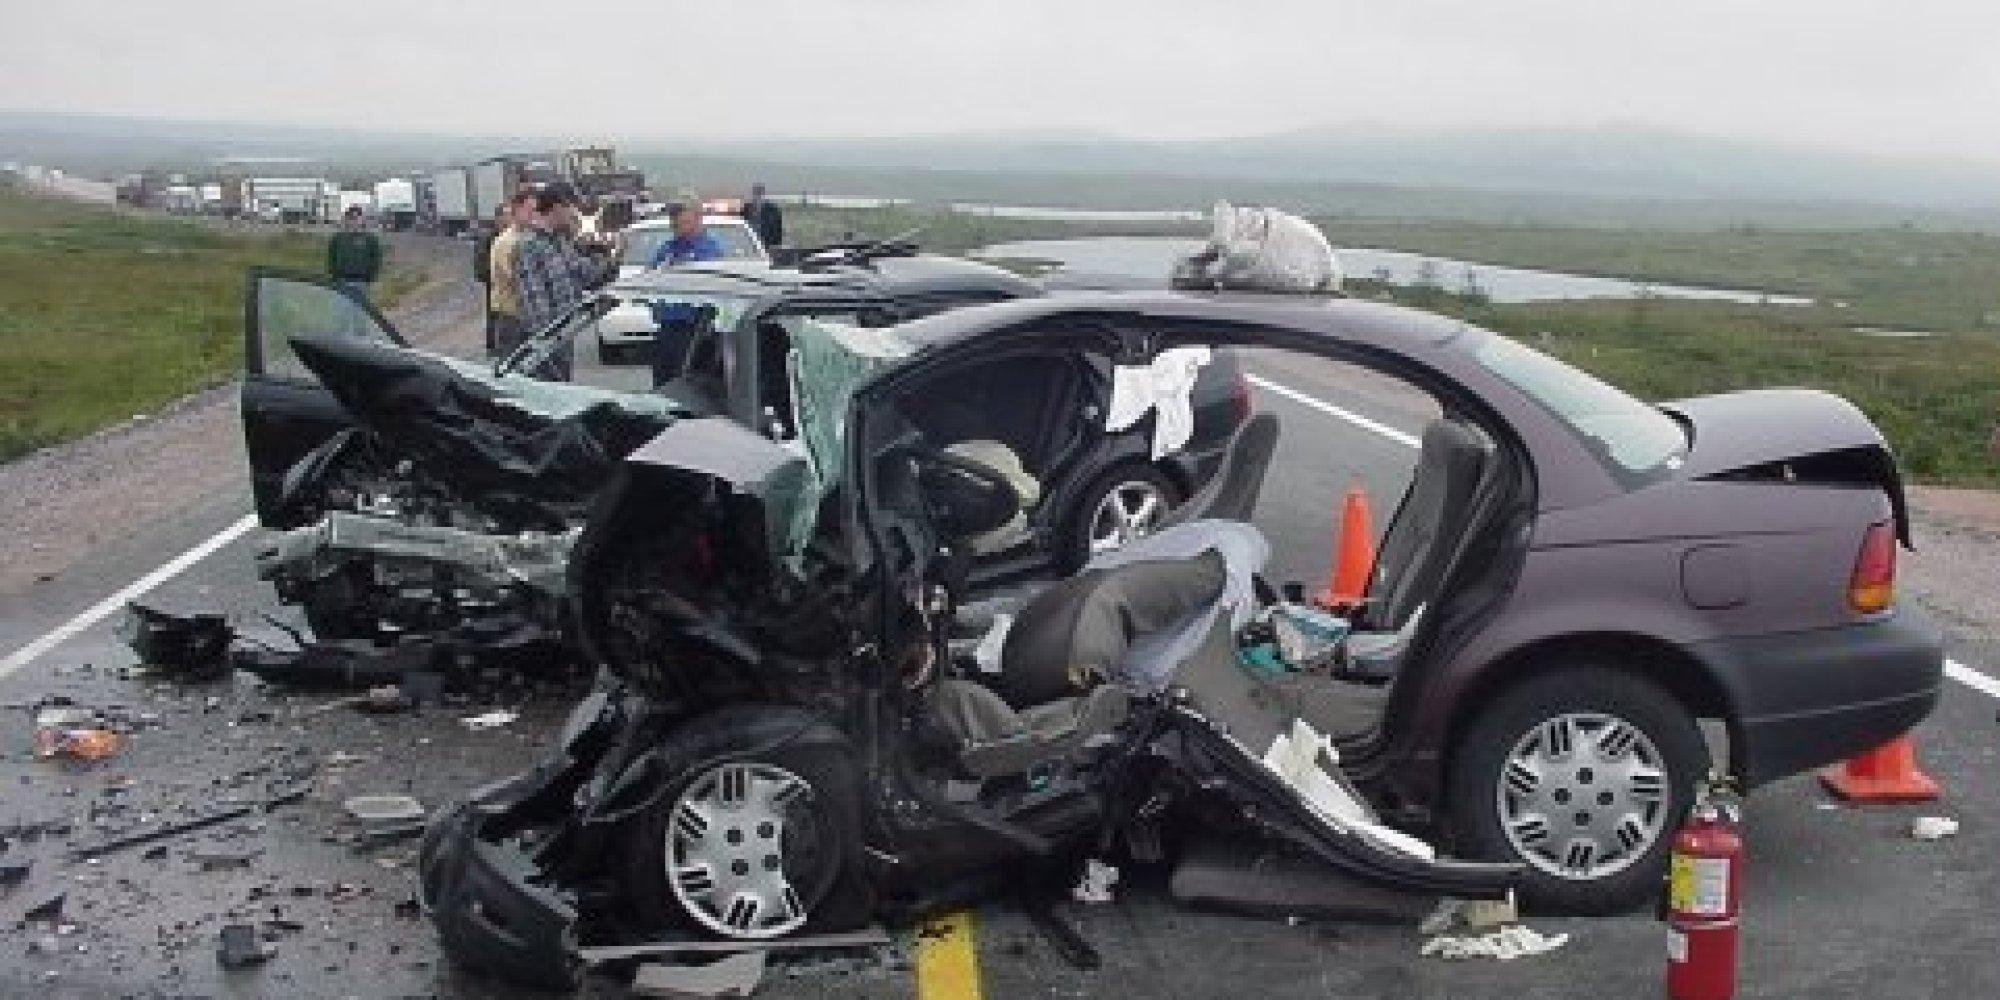 Resultado de imagen de accidente de circulation routiere au maroc